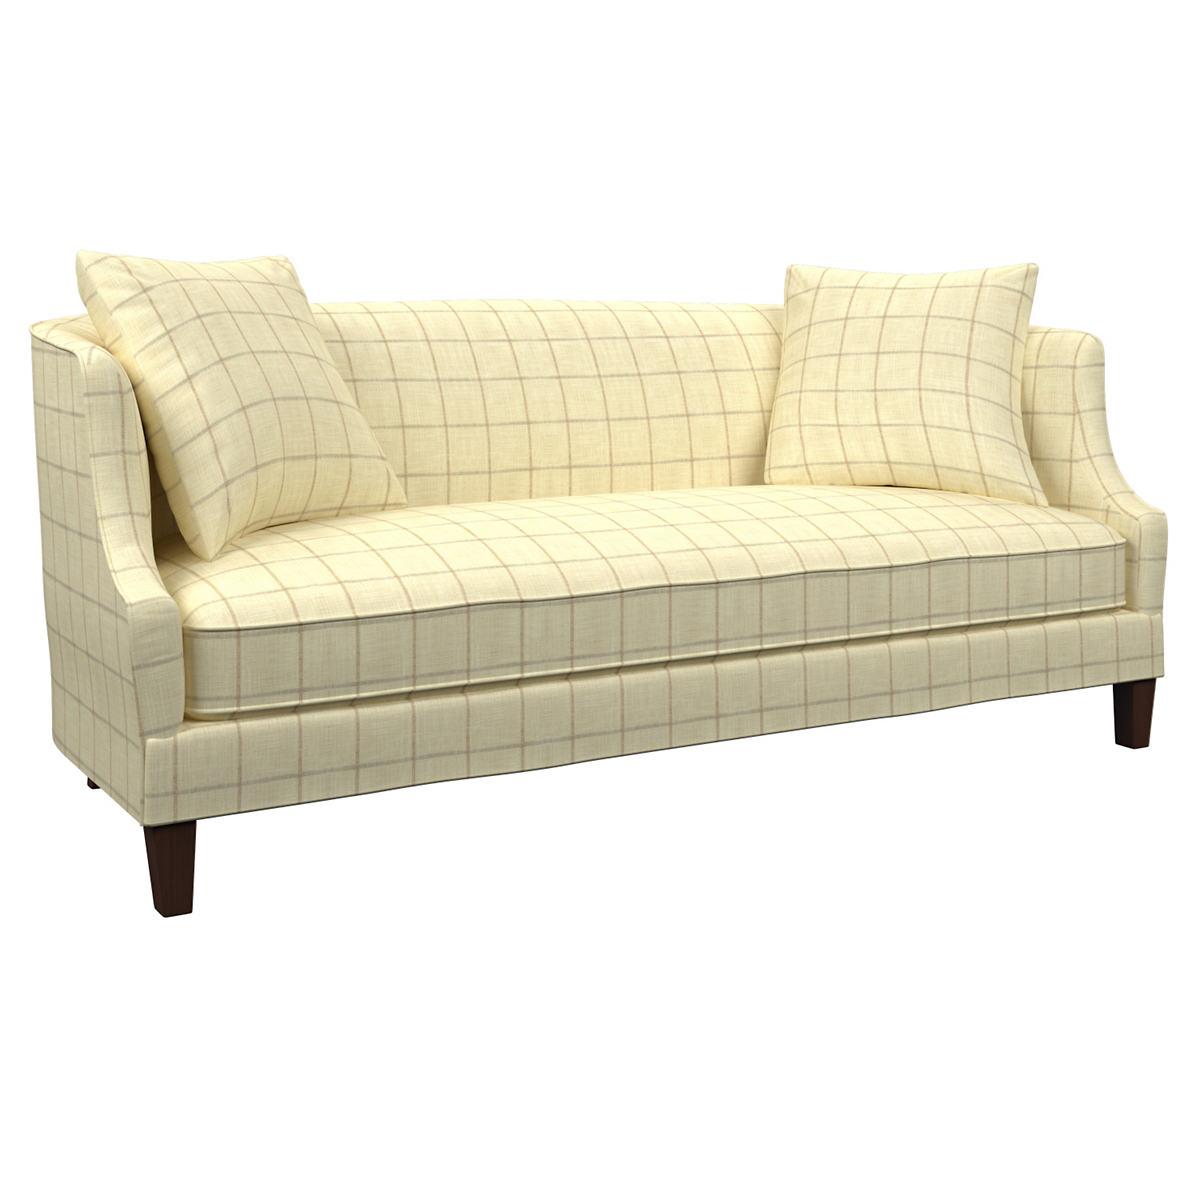 Chatham Tattersall Natural/Grey Cheshire Sofa